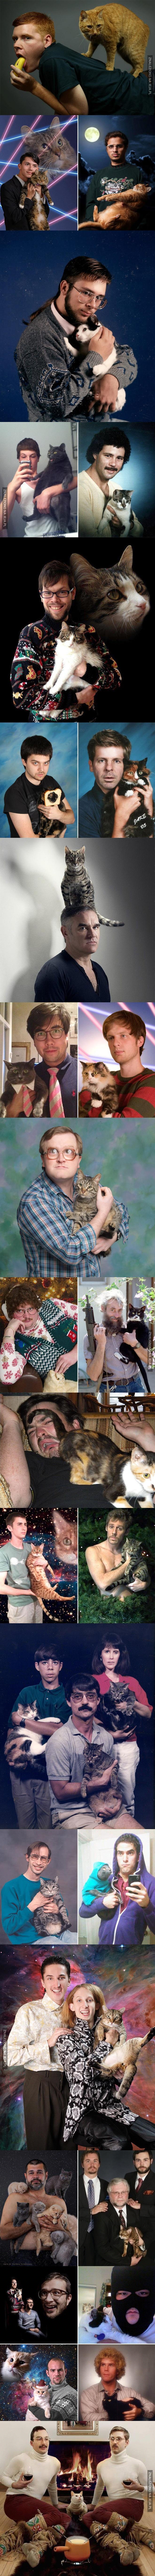 Najlepsze fotki kotów oraz ich właścicieli